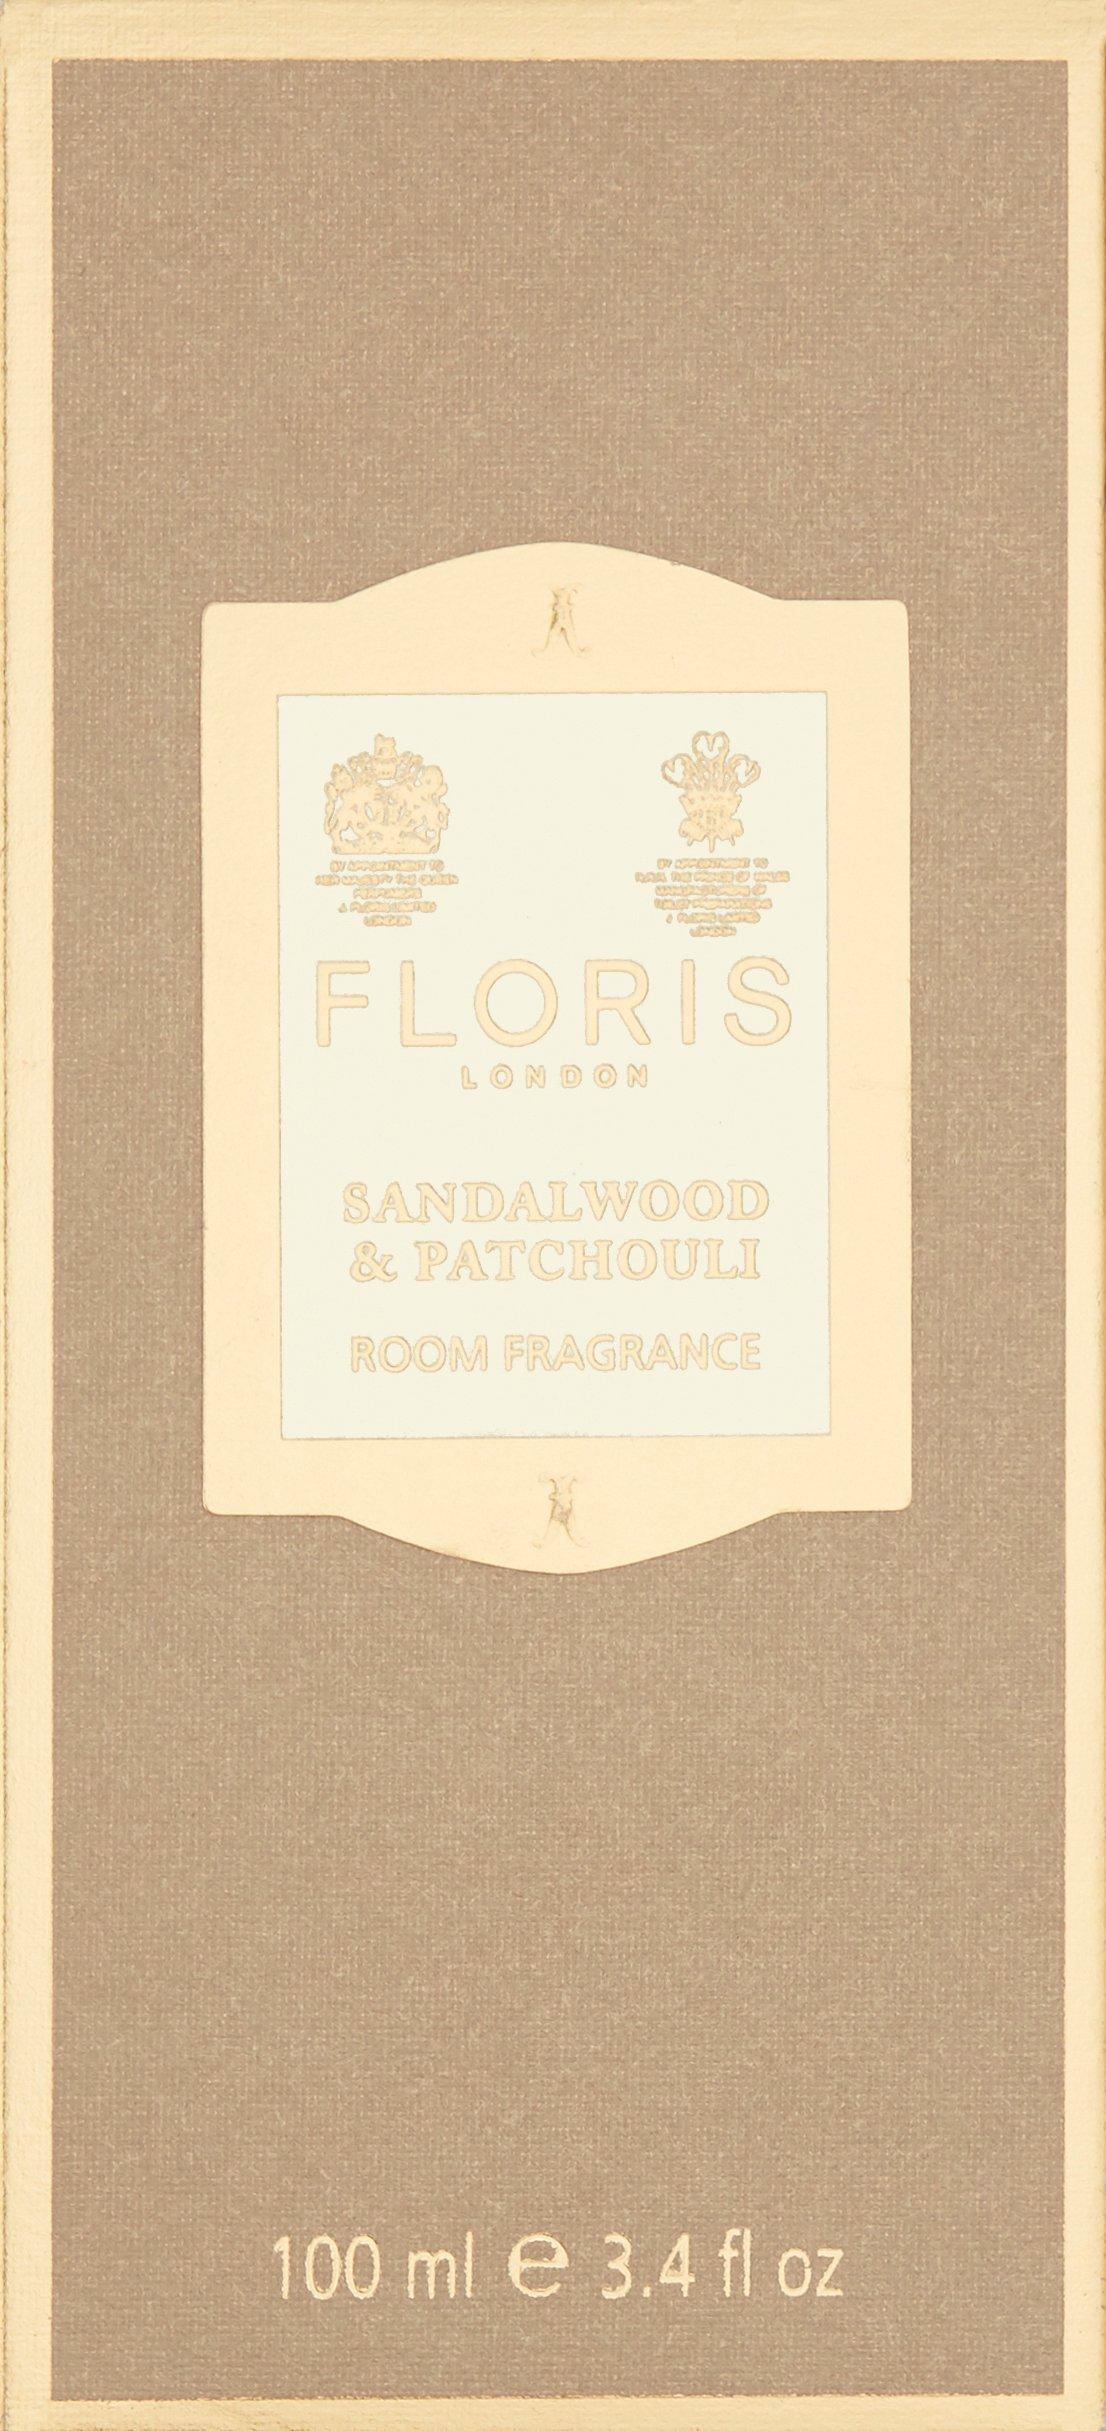 Floris London Sandalwood & Patchouli Room Fragrance, 3.4 Fl Oz by Floris London (Image #3)